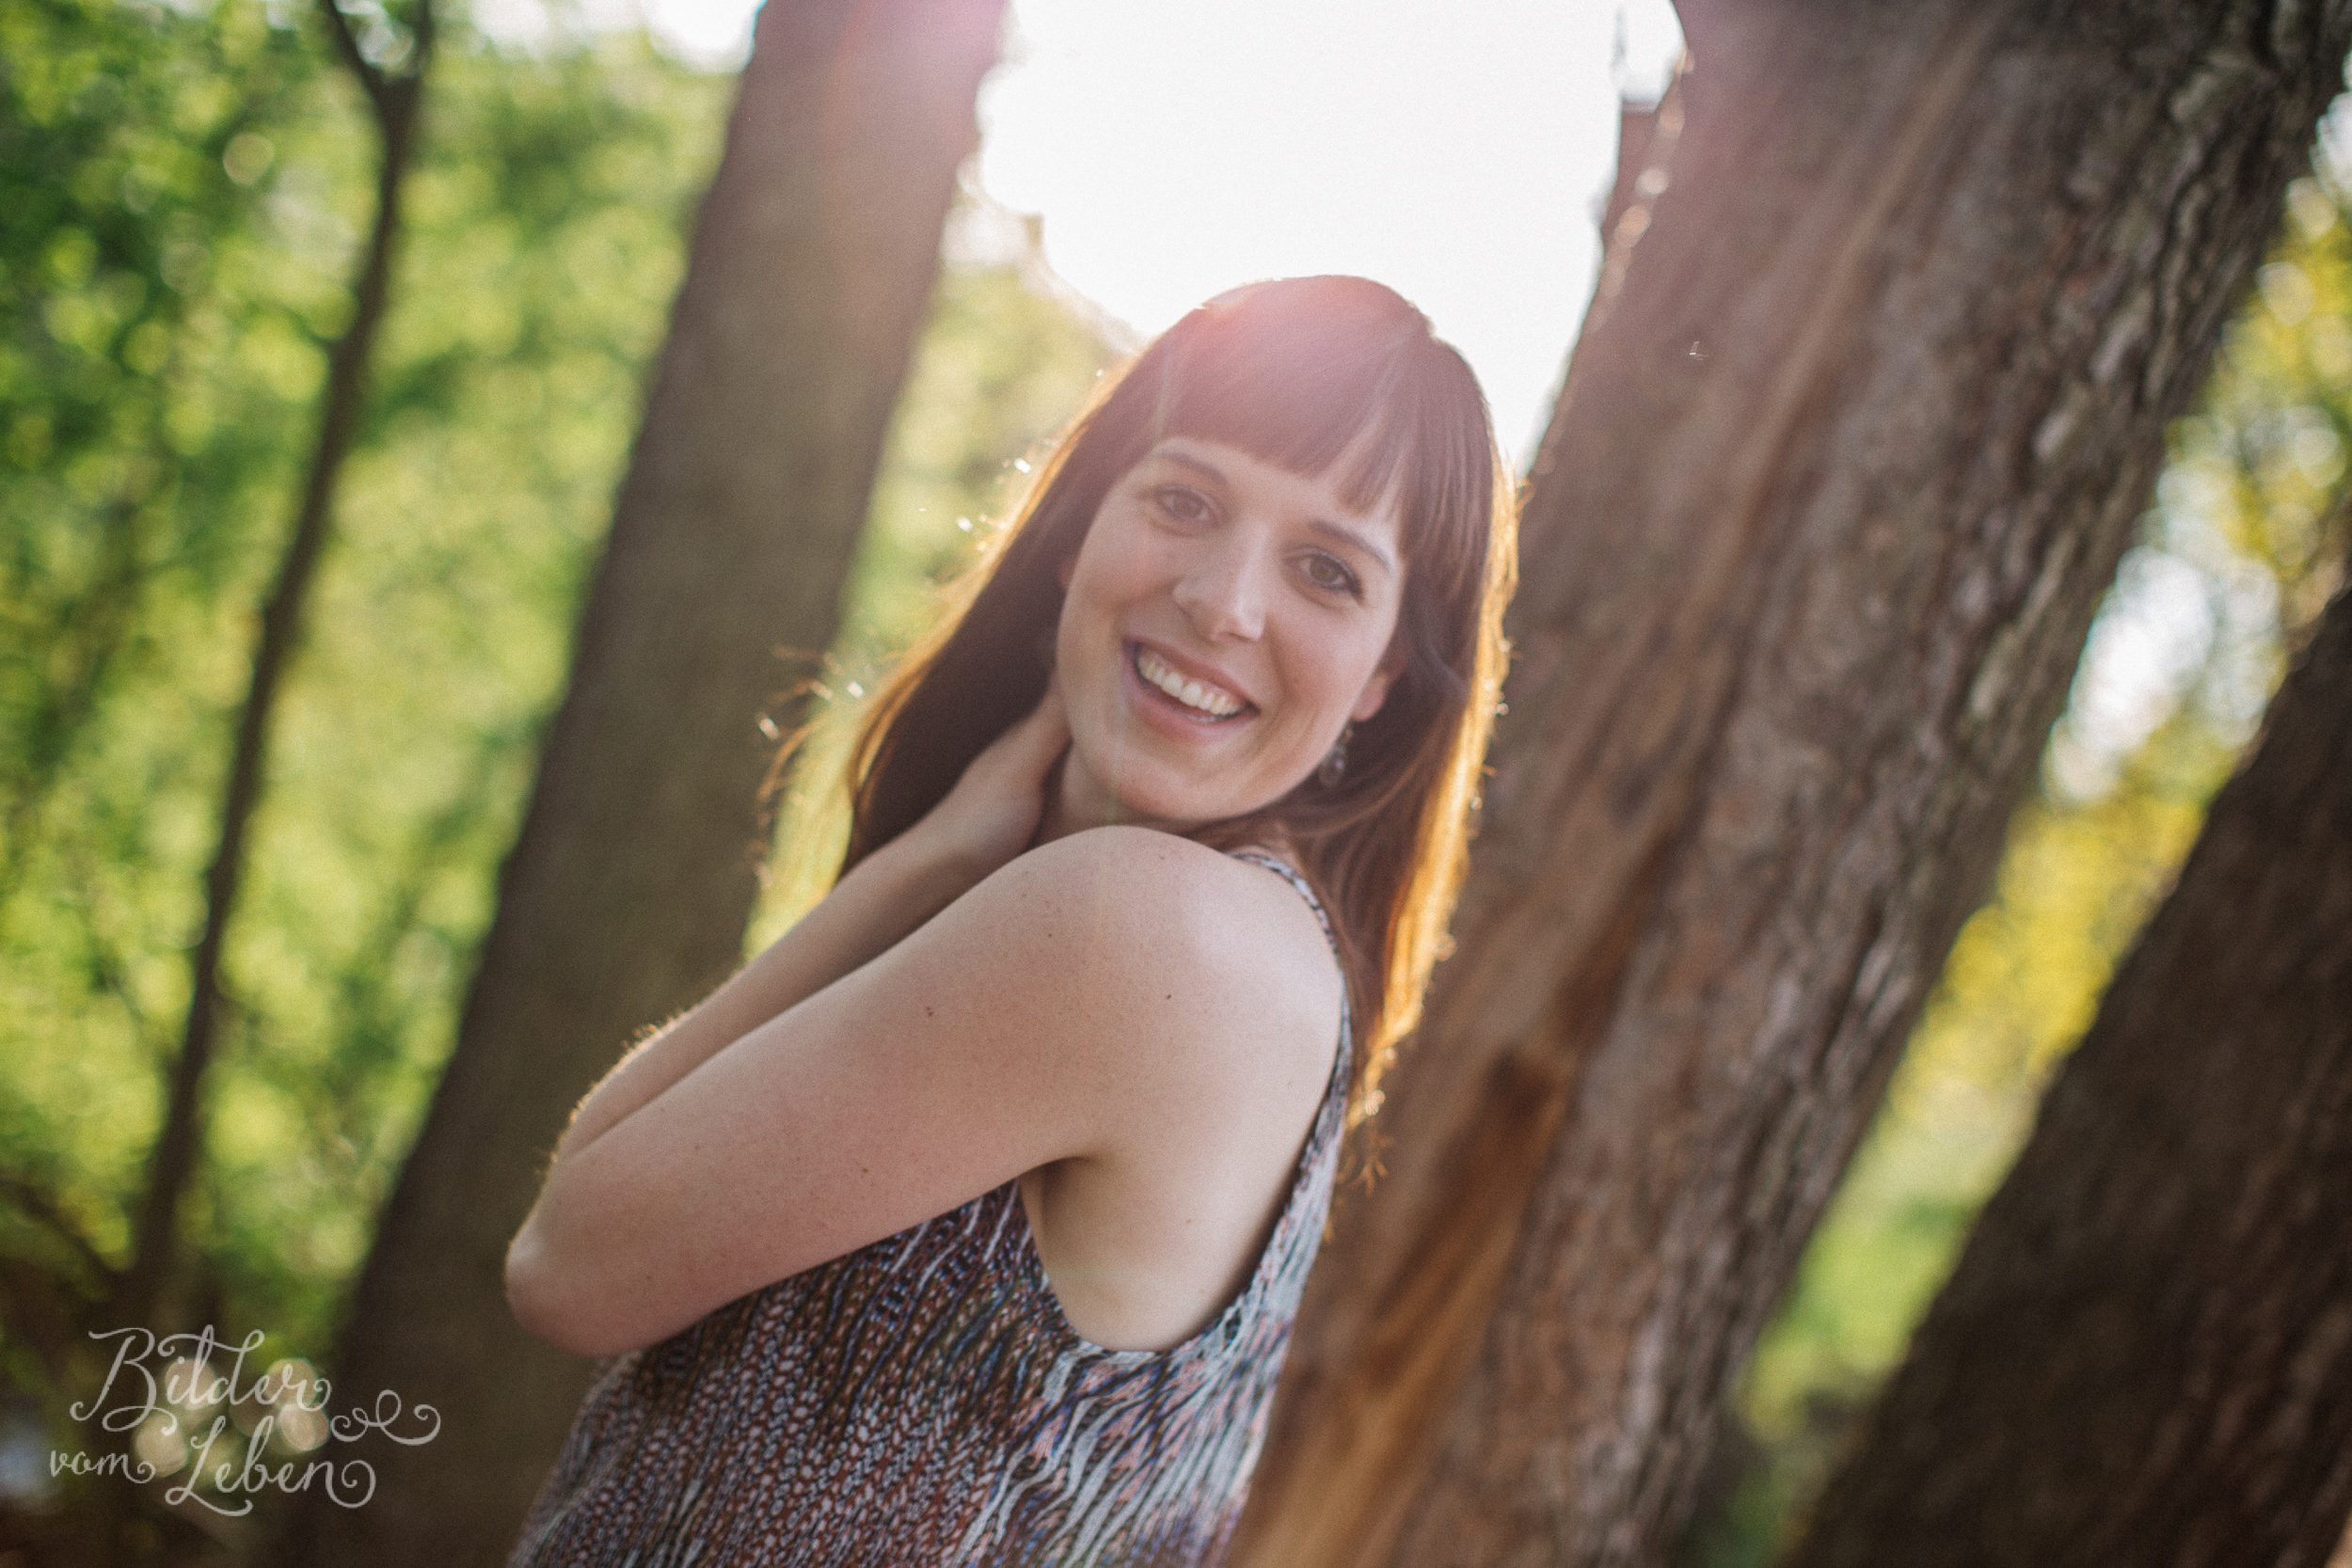 BildervomLeben-Fotografie-Christina-Heinig-Portraits-Gegenlicht-Susanne-2016-5765